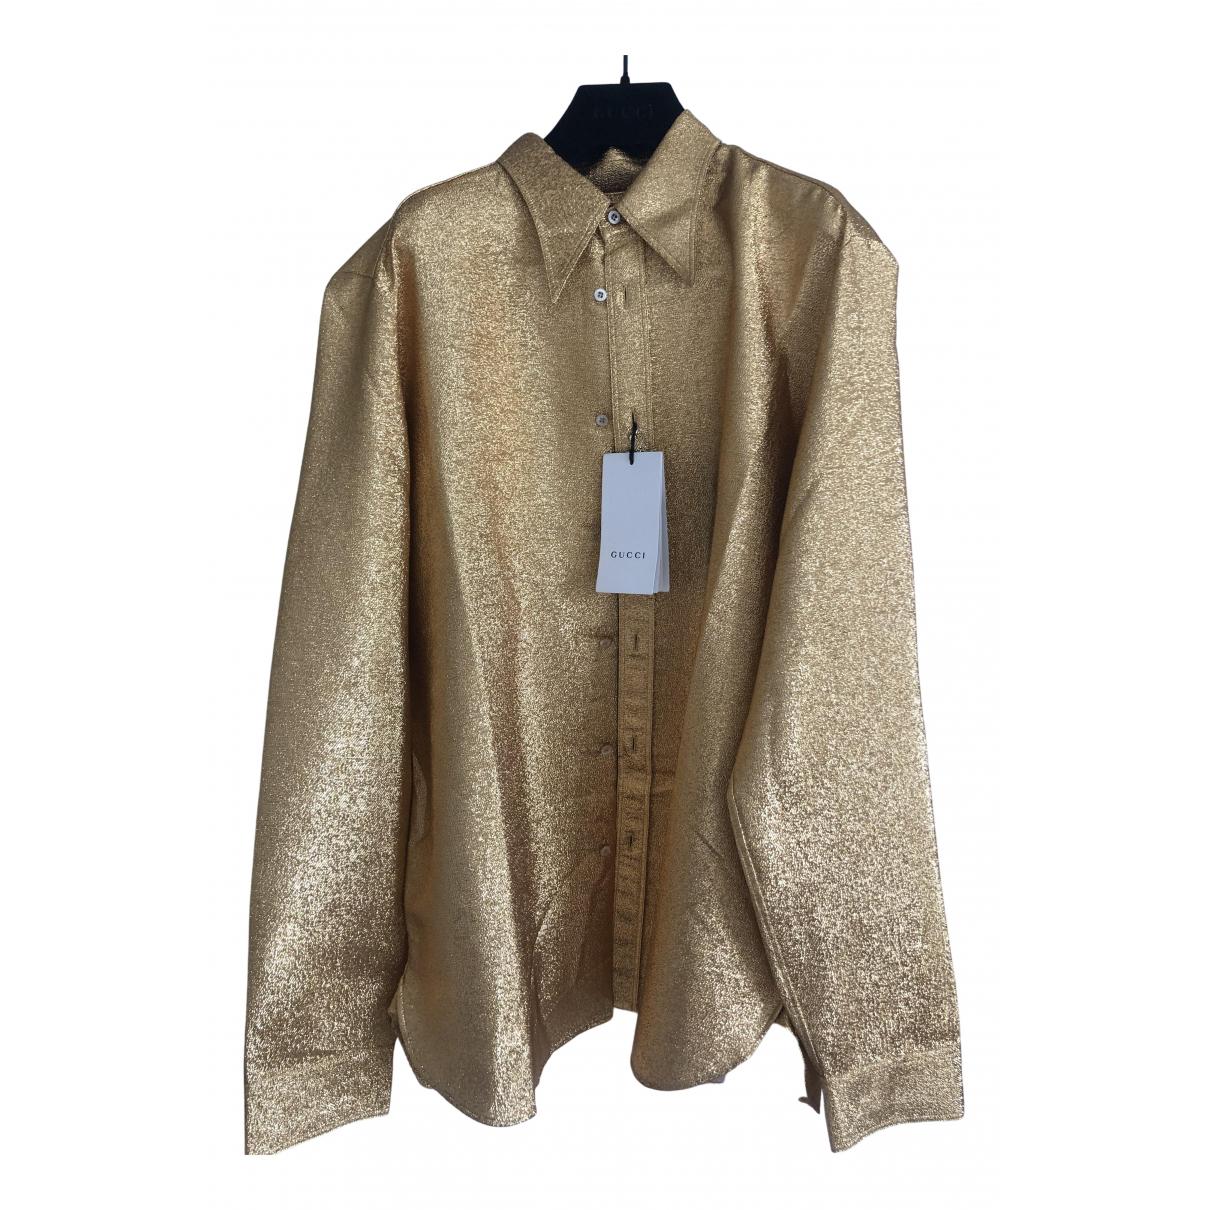 Gucci N Gold Silk Shirts for Men 40 EU (tour de cou / collar)